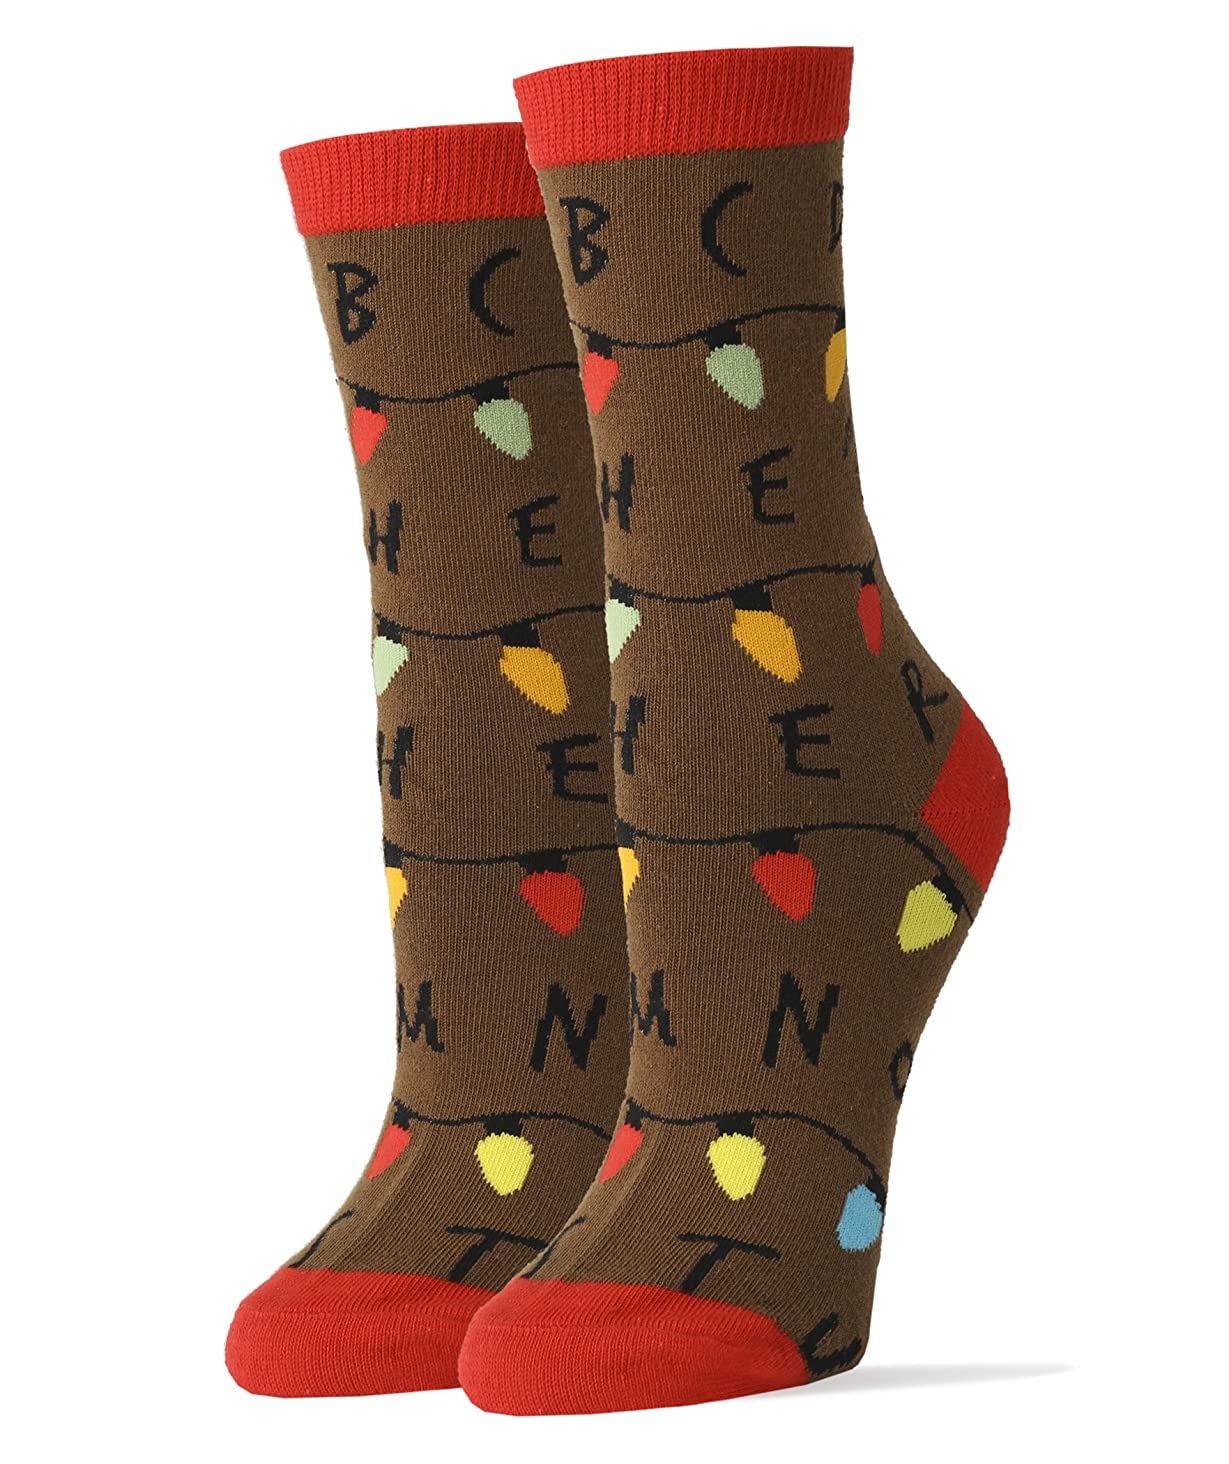 Oooh Yeah Women's Crew Funny Novelty Stranger Socks